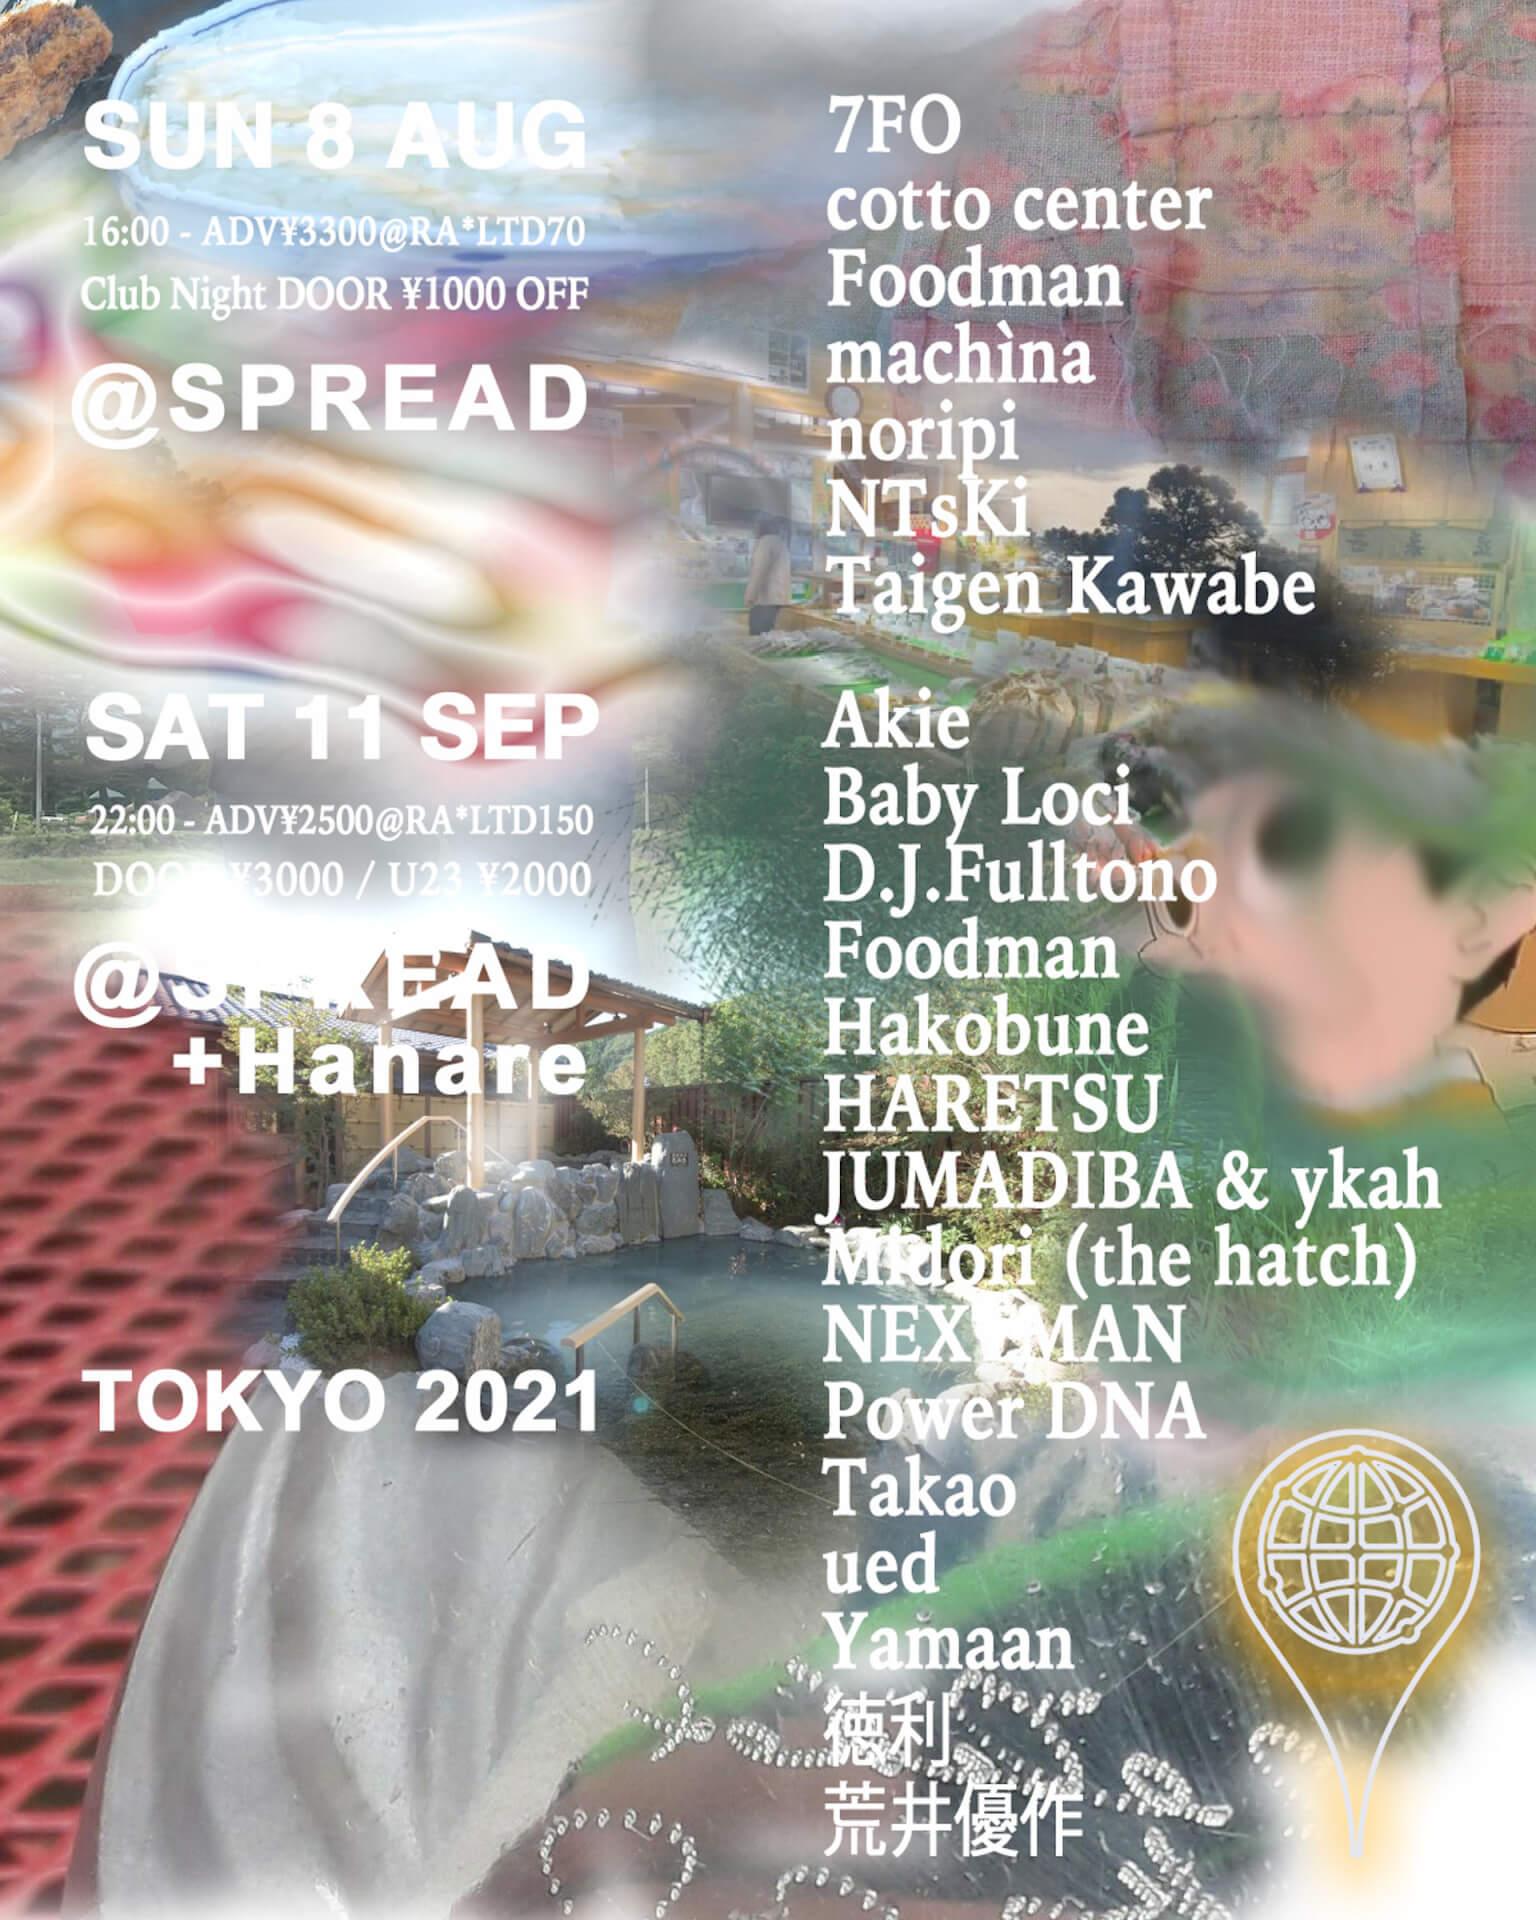 食品まつり a.k.a. foodman『Yasuragi Land』のリリースパーティーが<Local World>と共同開催決定!7FO、DJ Fulltono、徳利など出演 music210715_localworld_foodman_1